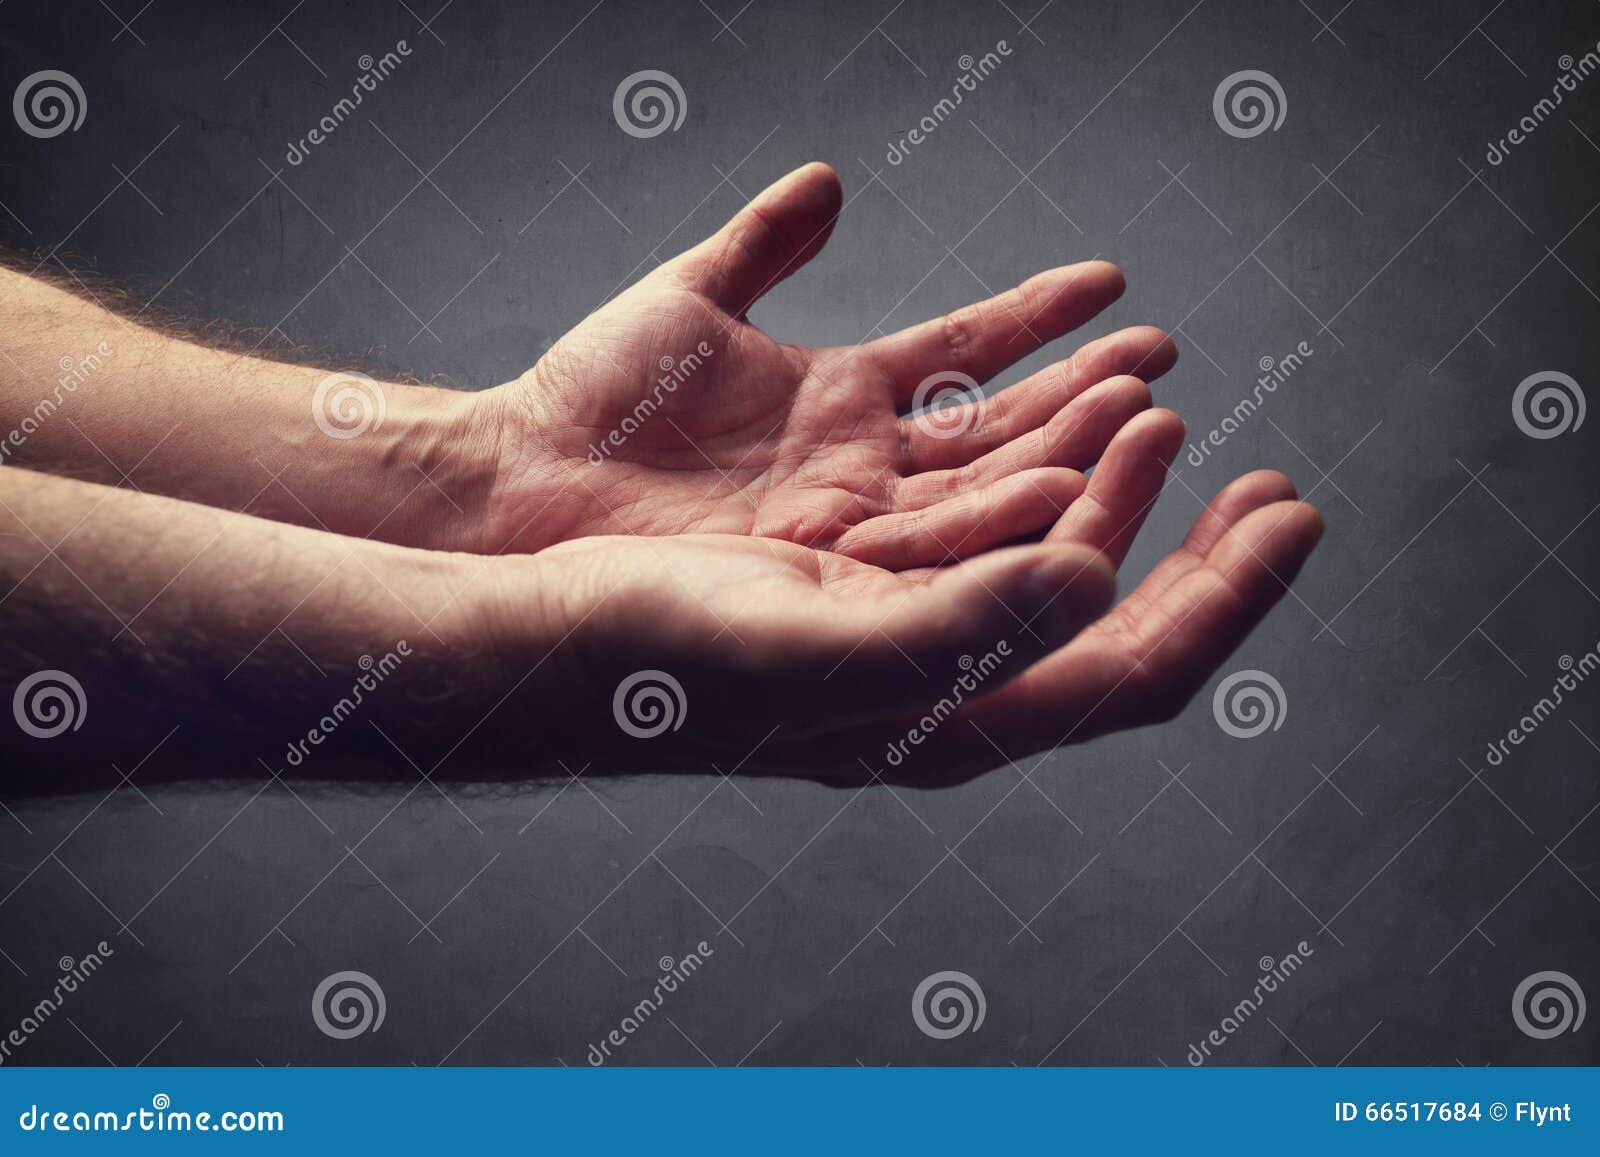 Coups de main ou prier pour l aide